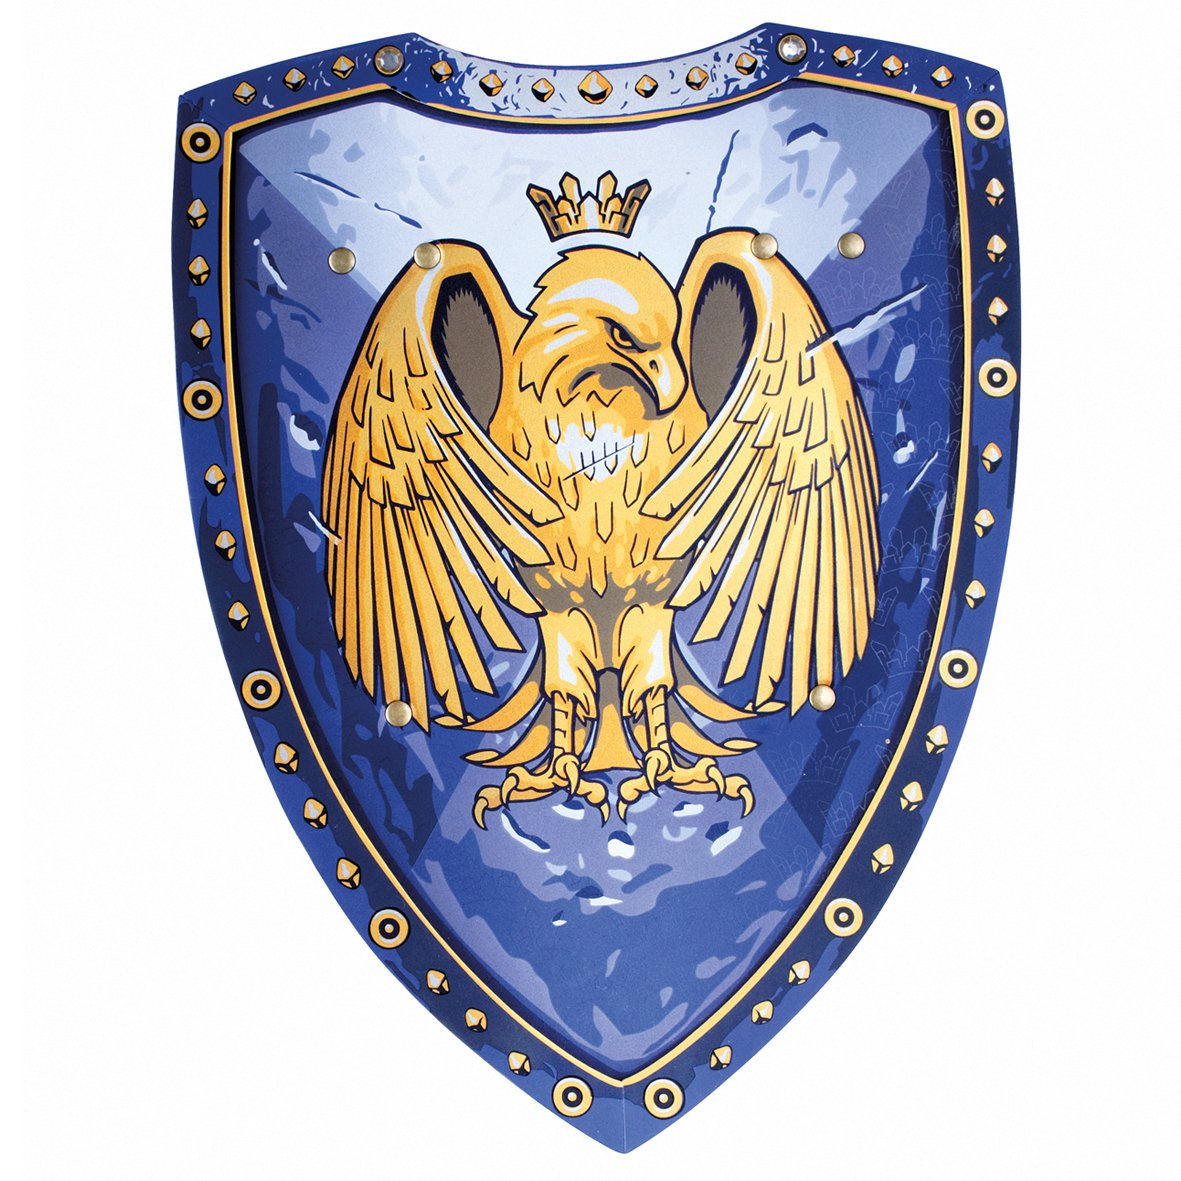 Liontouch 27001 Escudo de Eagle, Púrpura, Golden Eagle/Escudo Golden Eagle Bestsaller1622